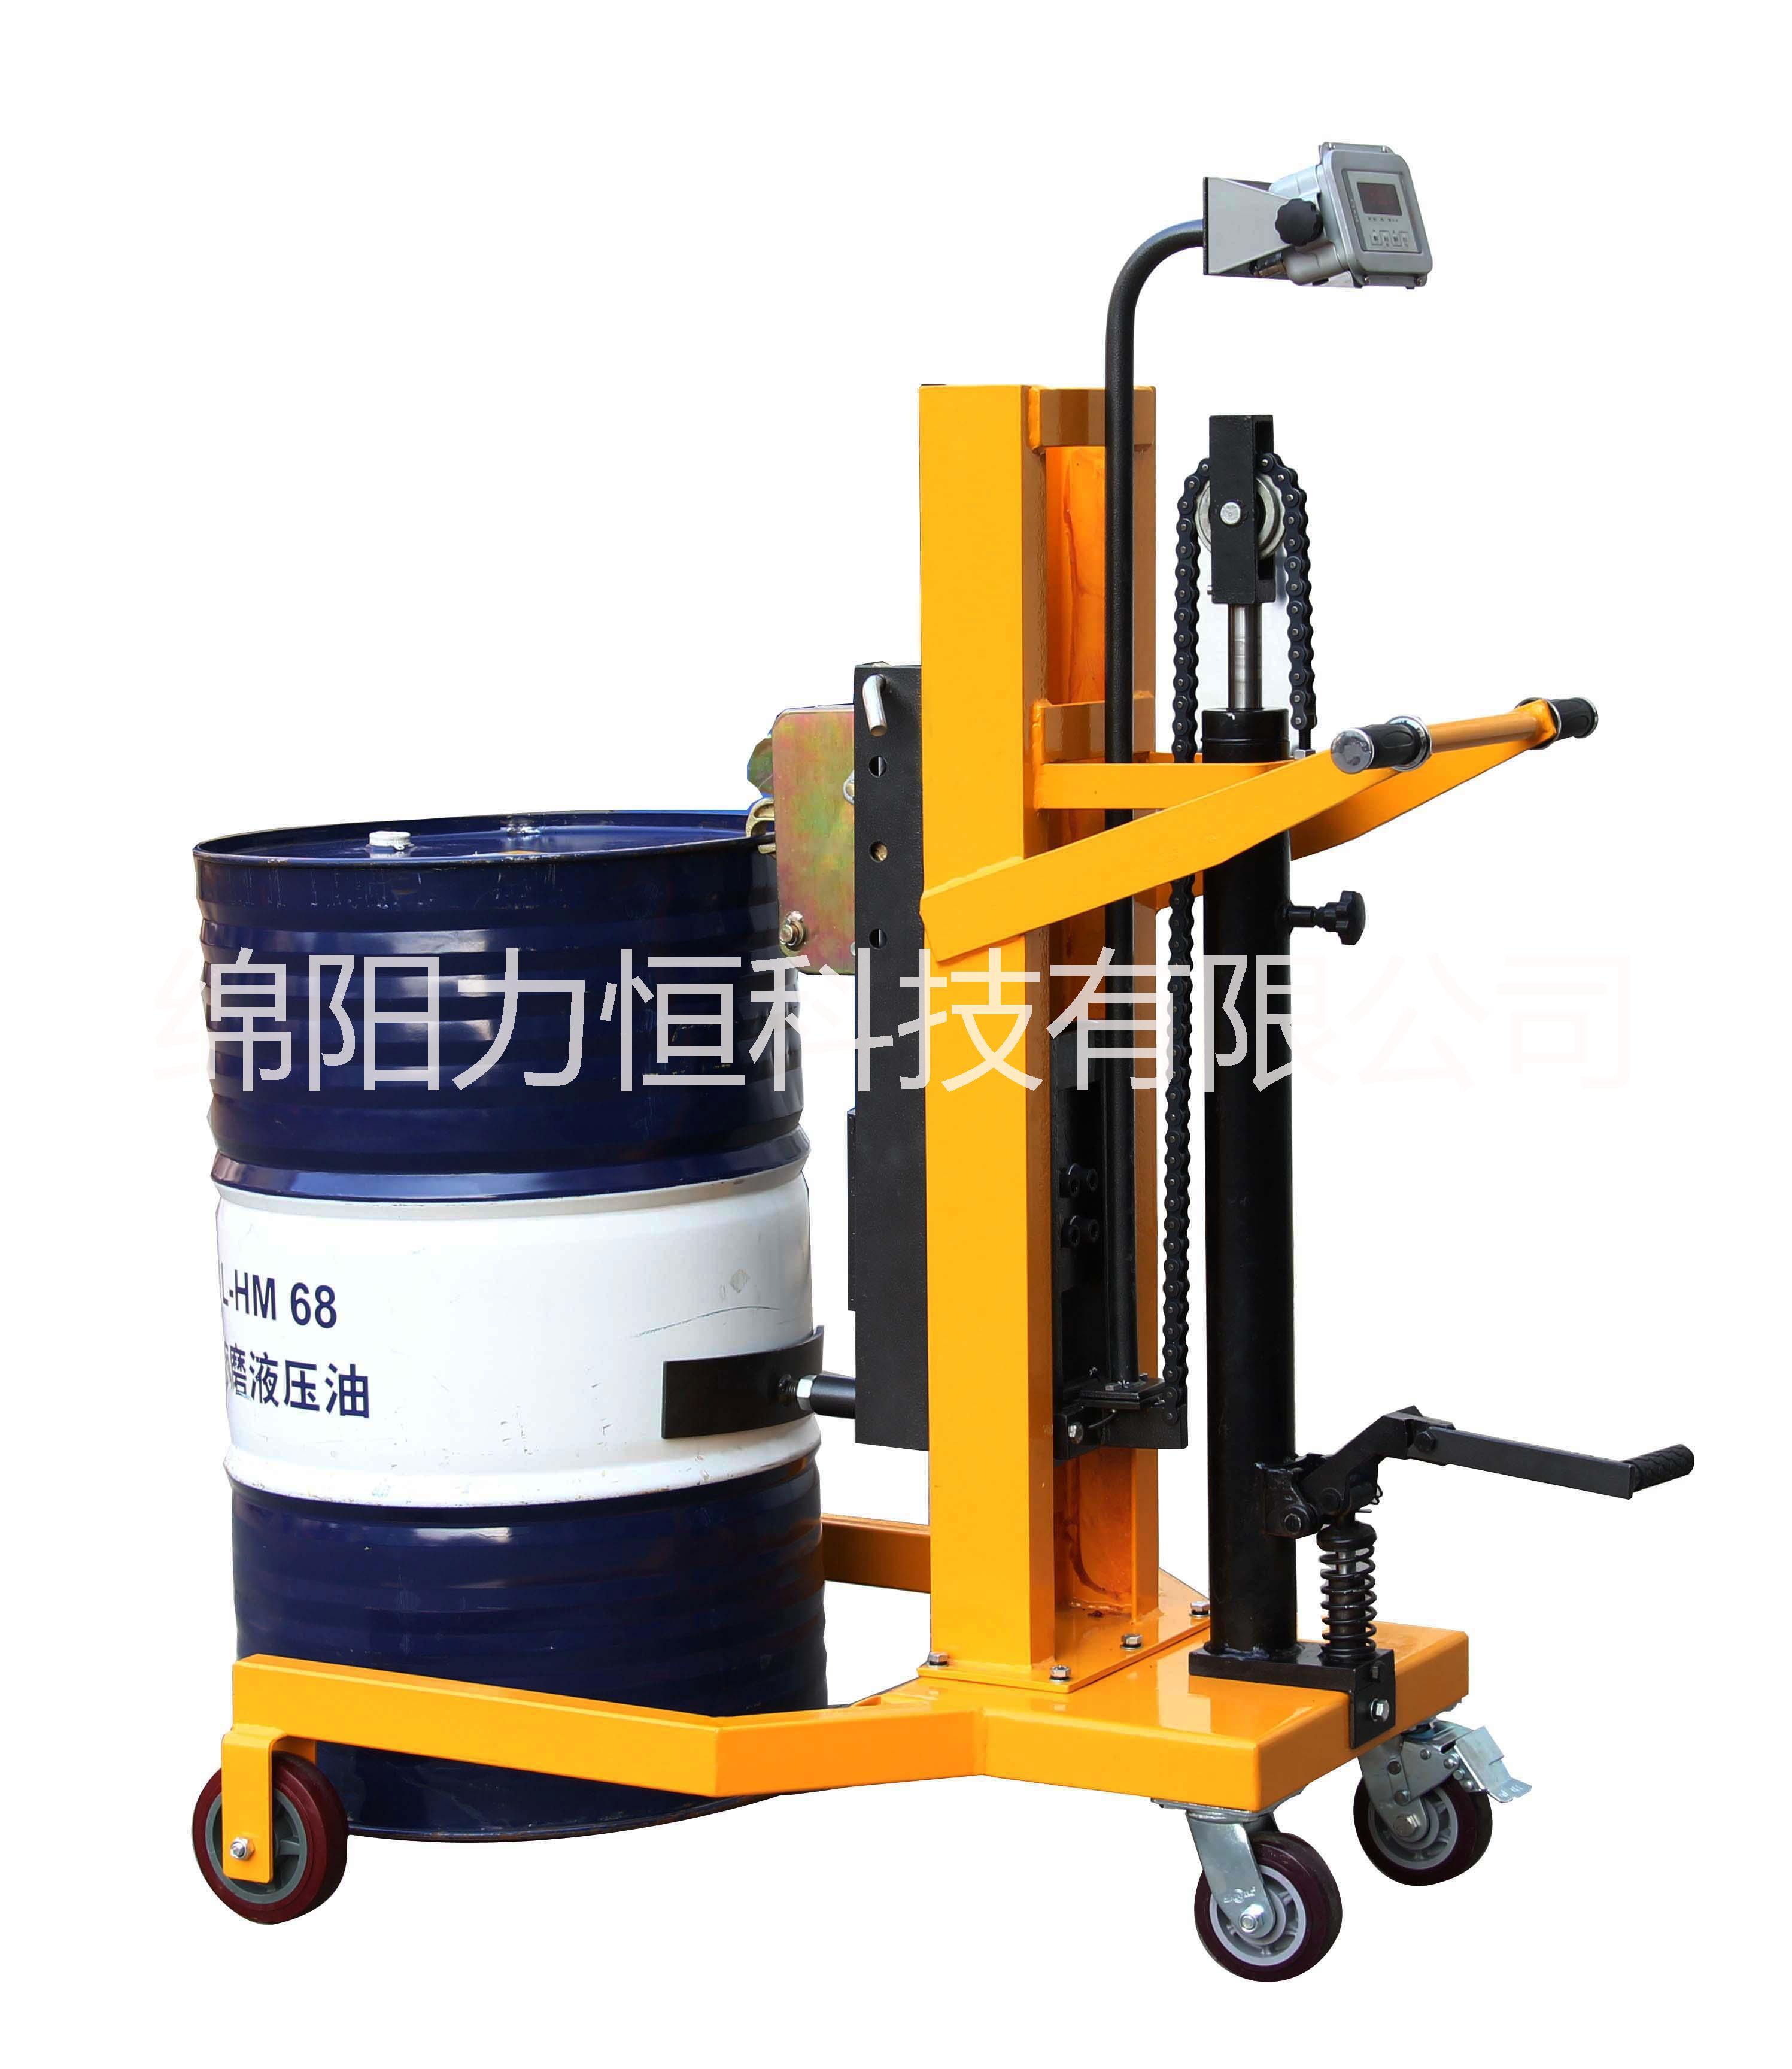 称重式油桶车 磅秤式油桶车 全自动油桶车 带电子磅油桶车